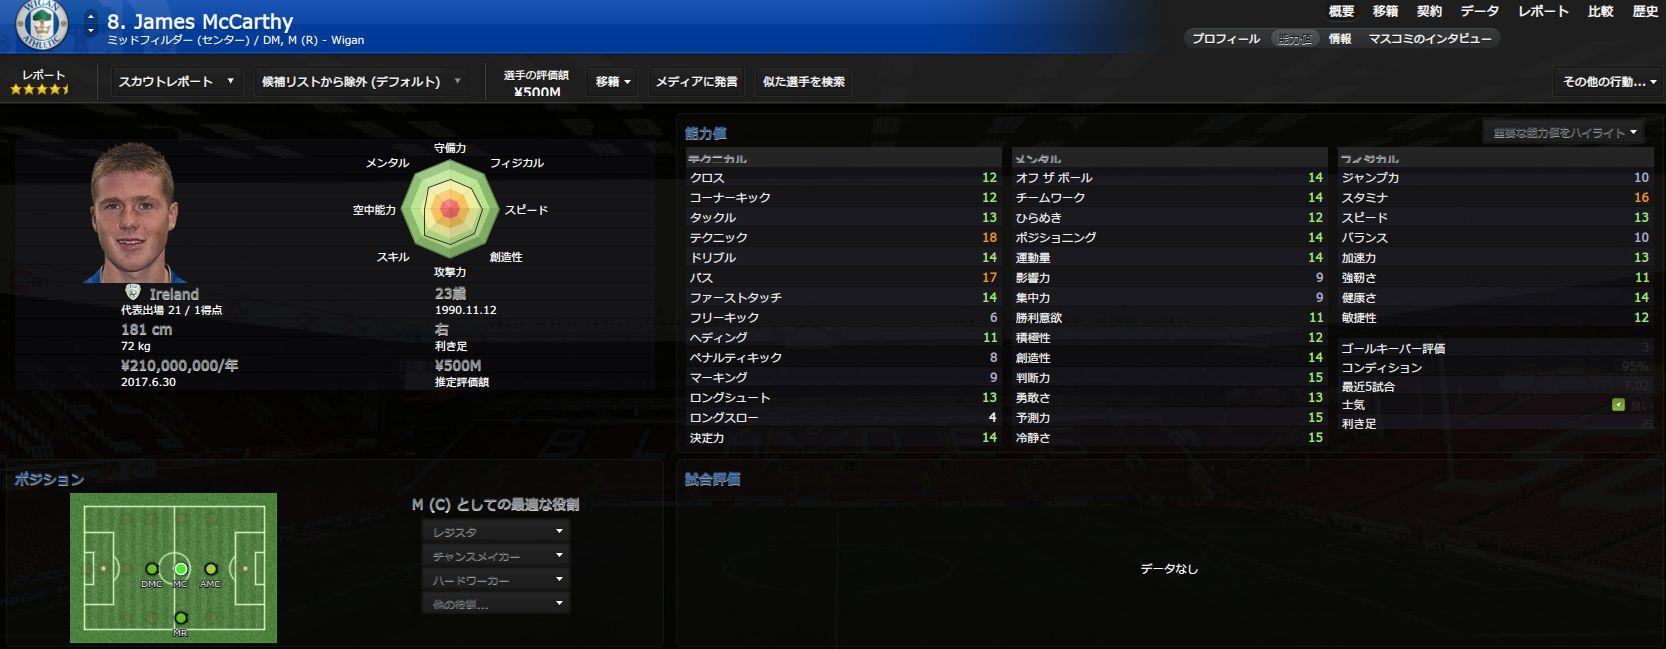 WS001052.jpg